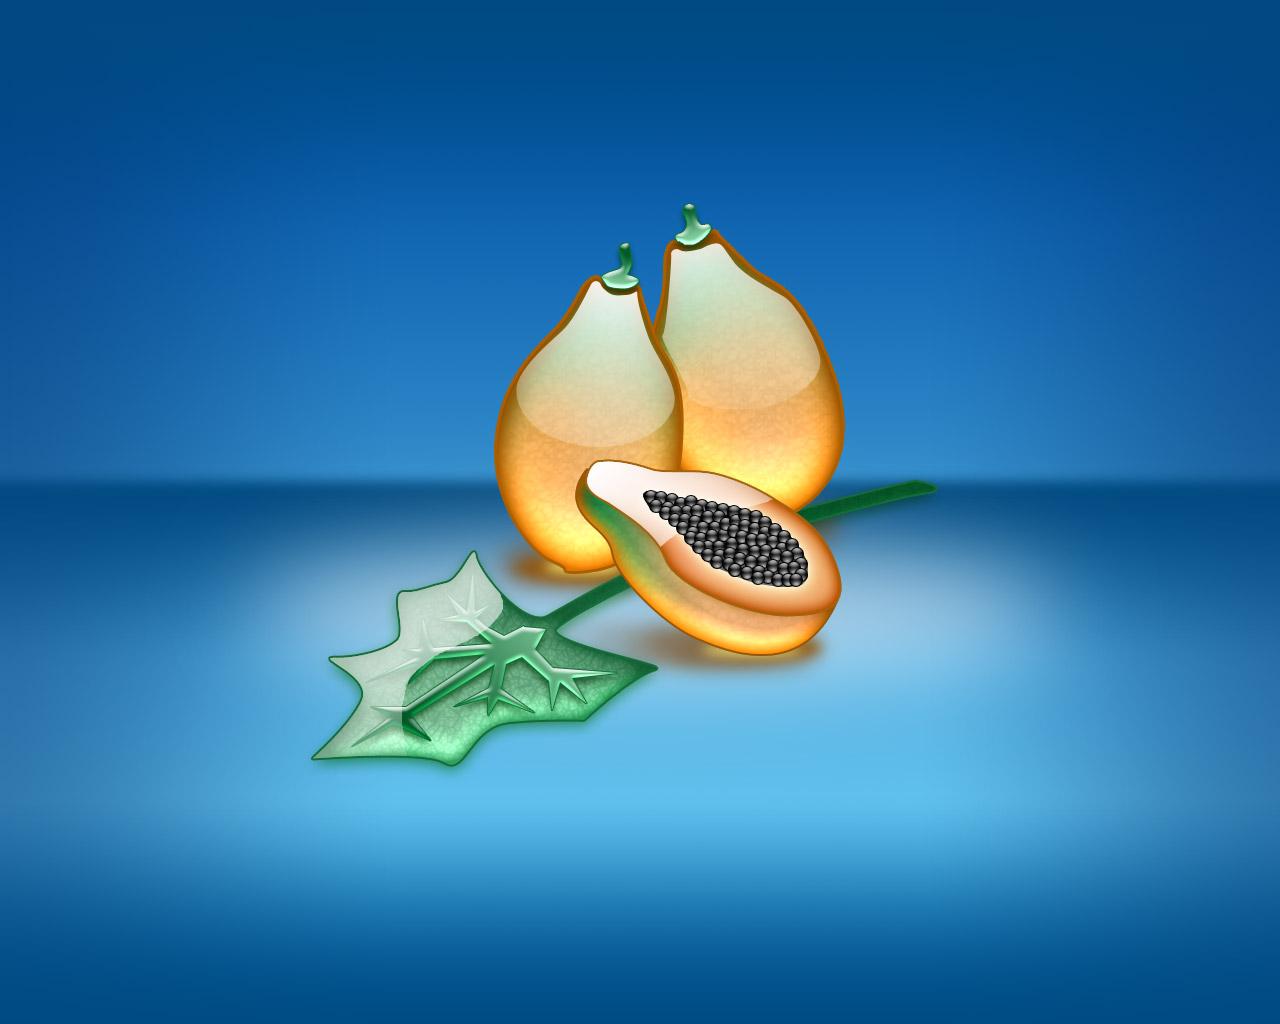 aqua papaya wallpaper abstract - photo #2